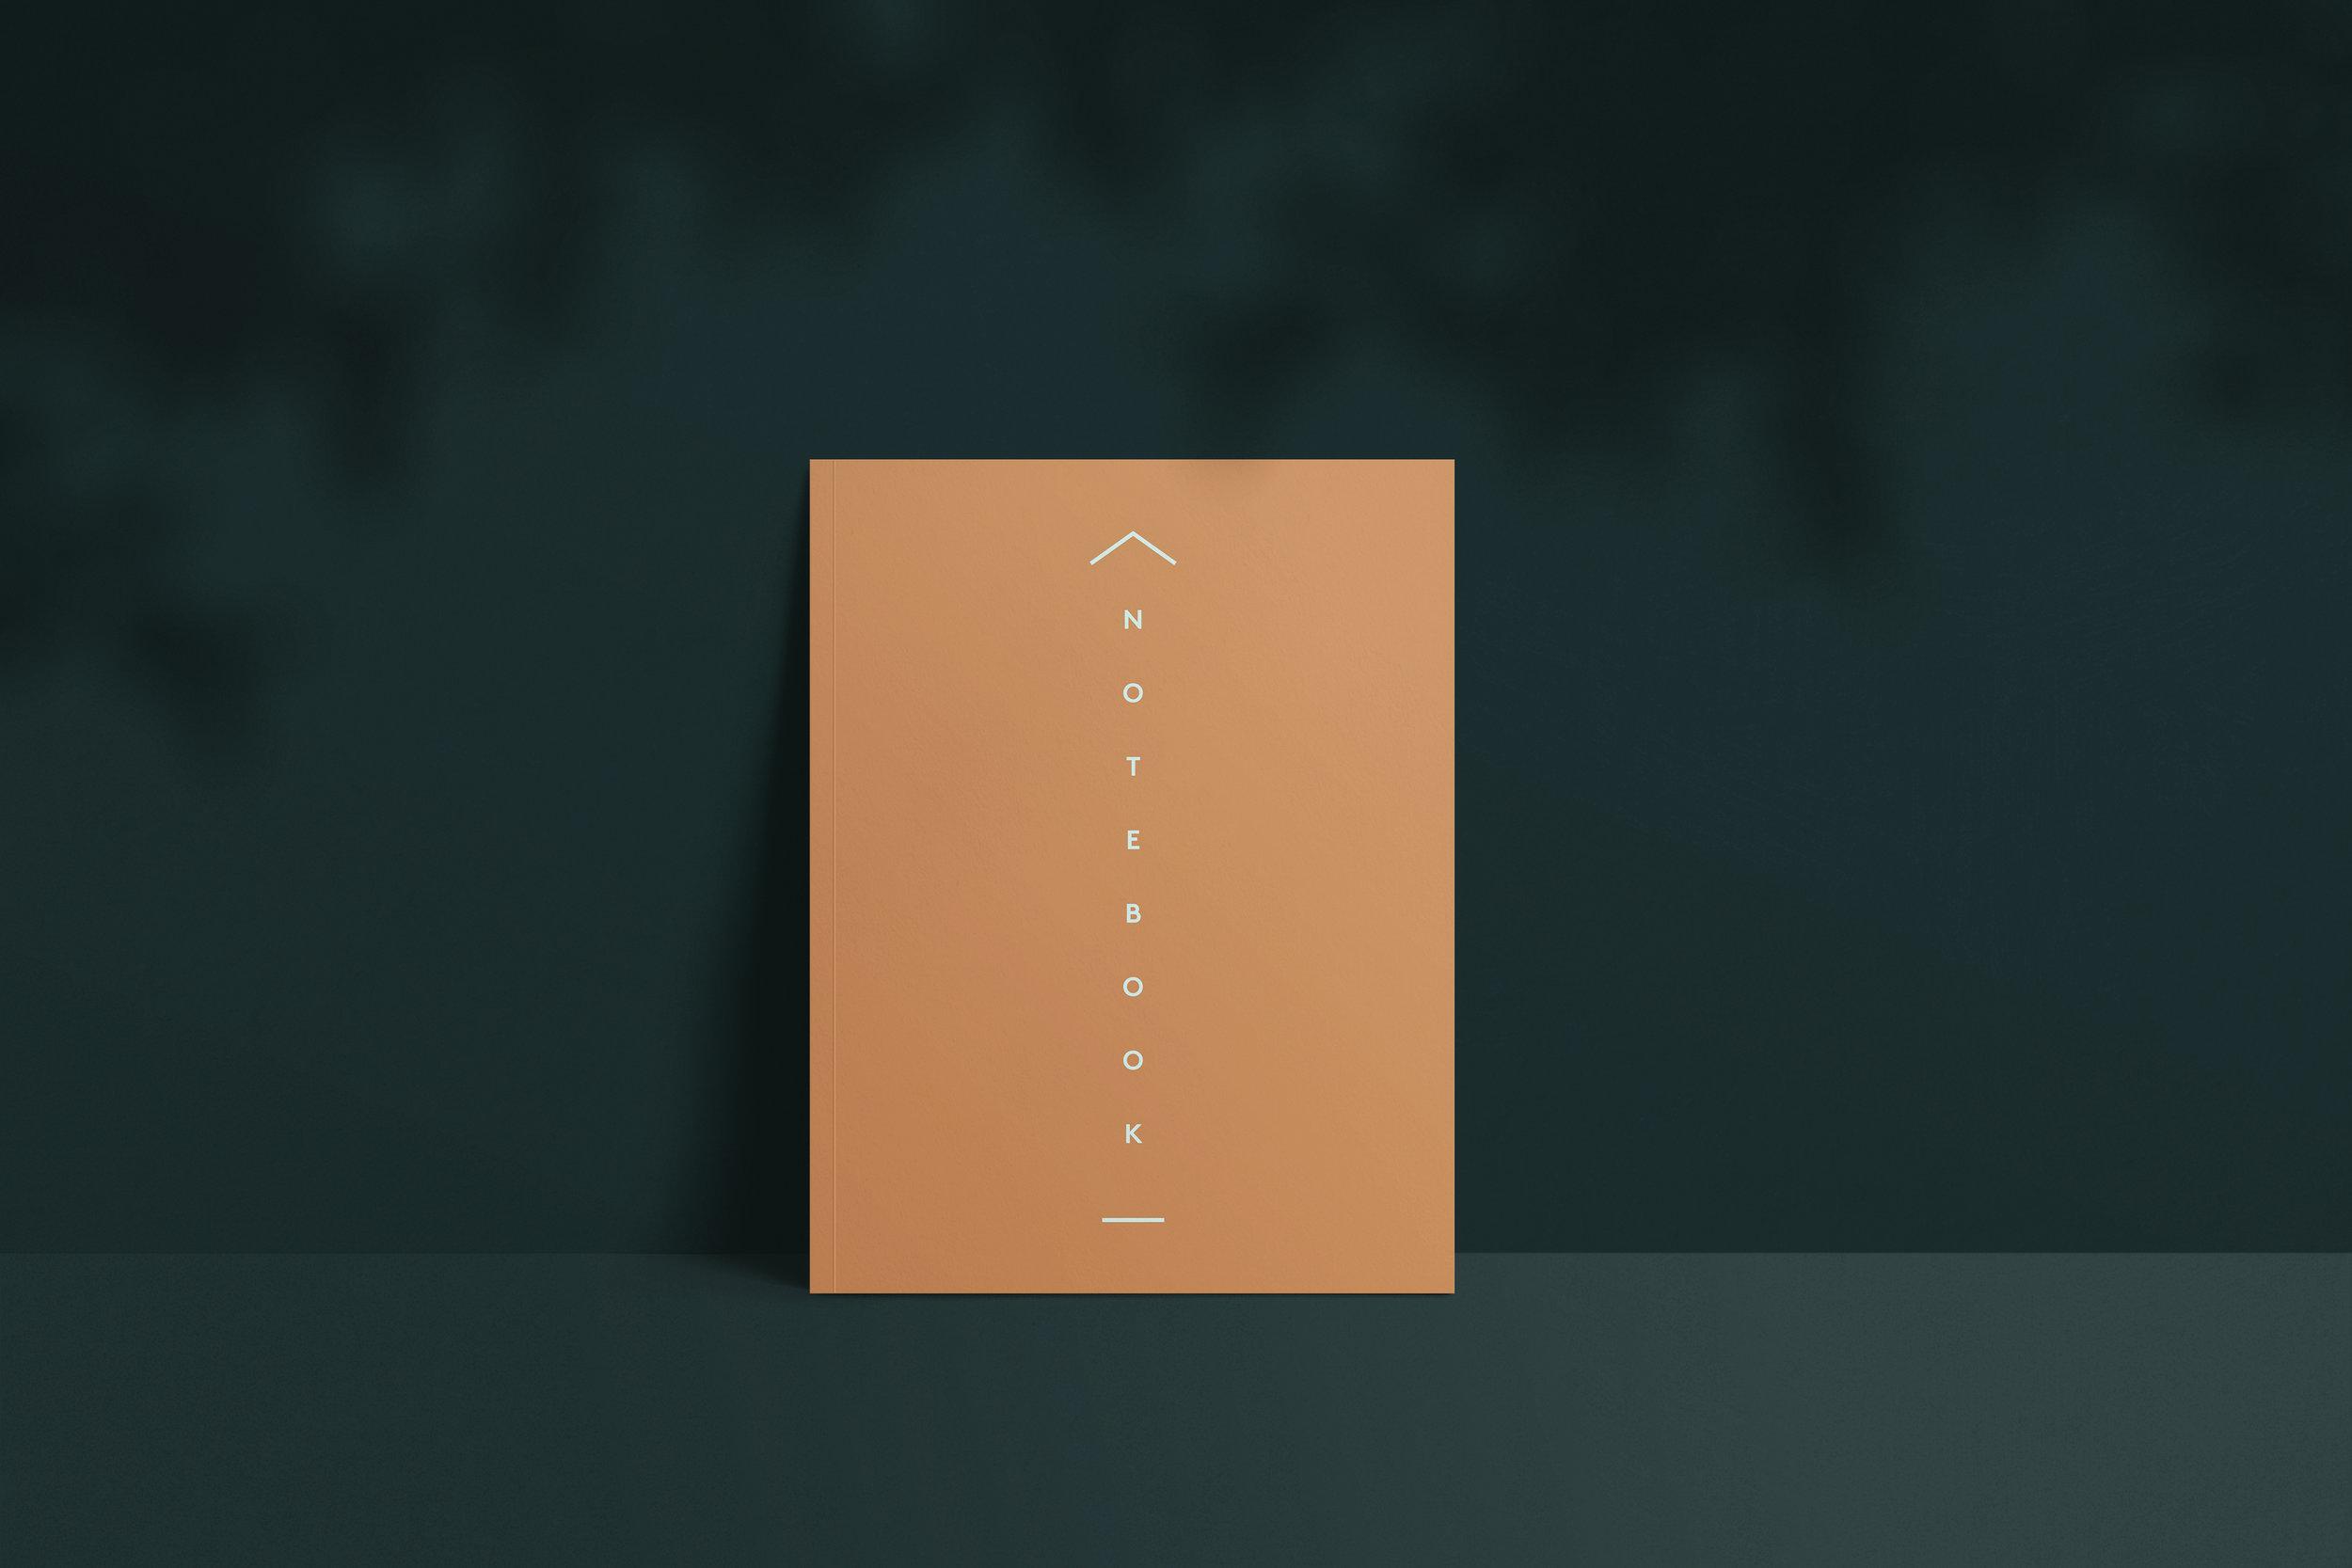 Råvind_Notebook.jpg